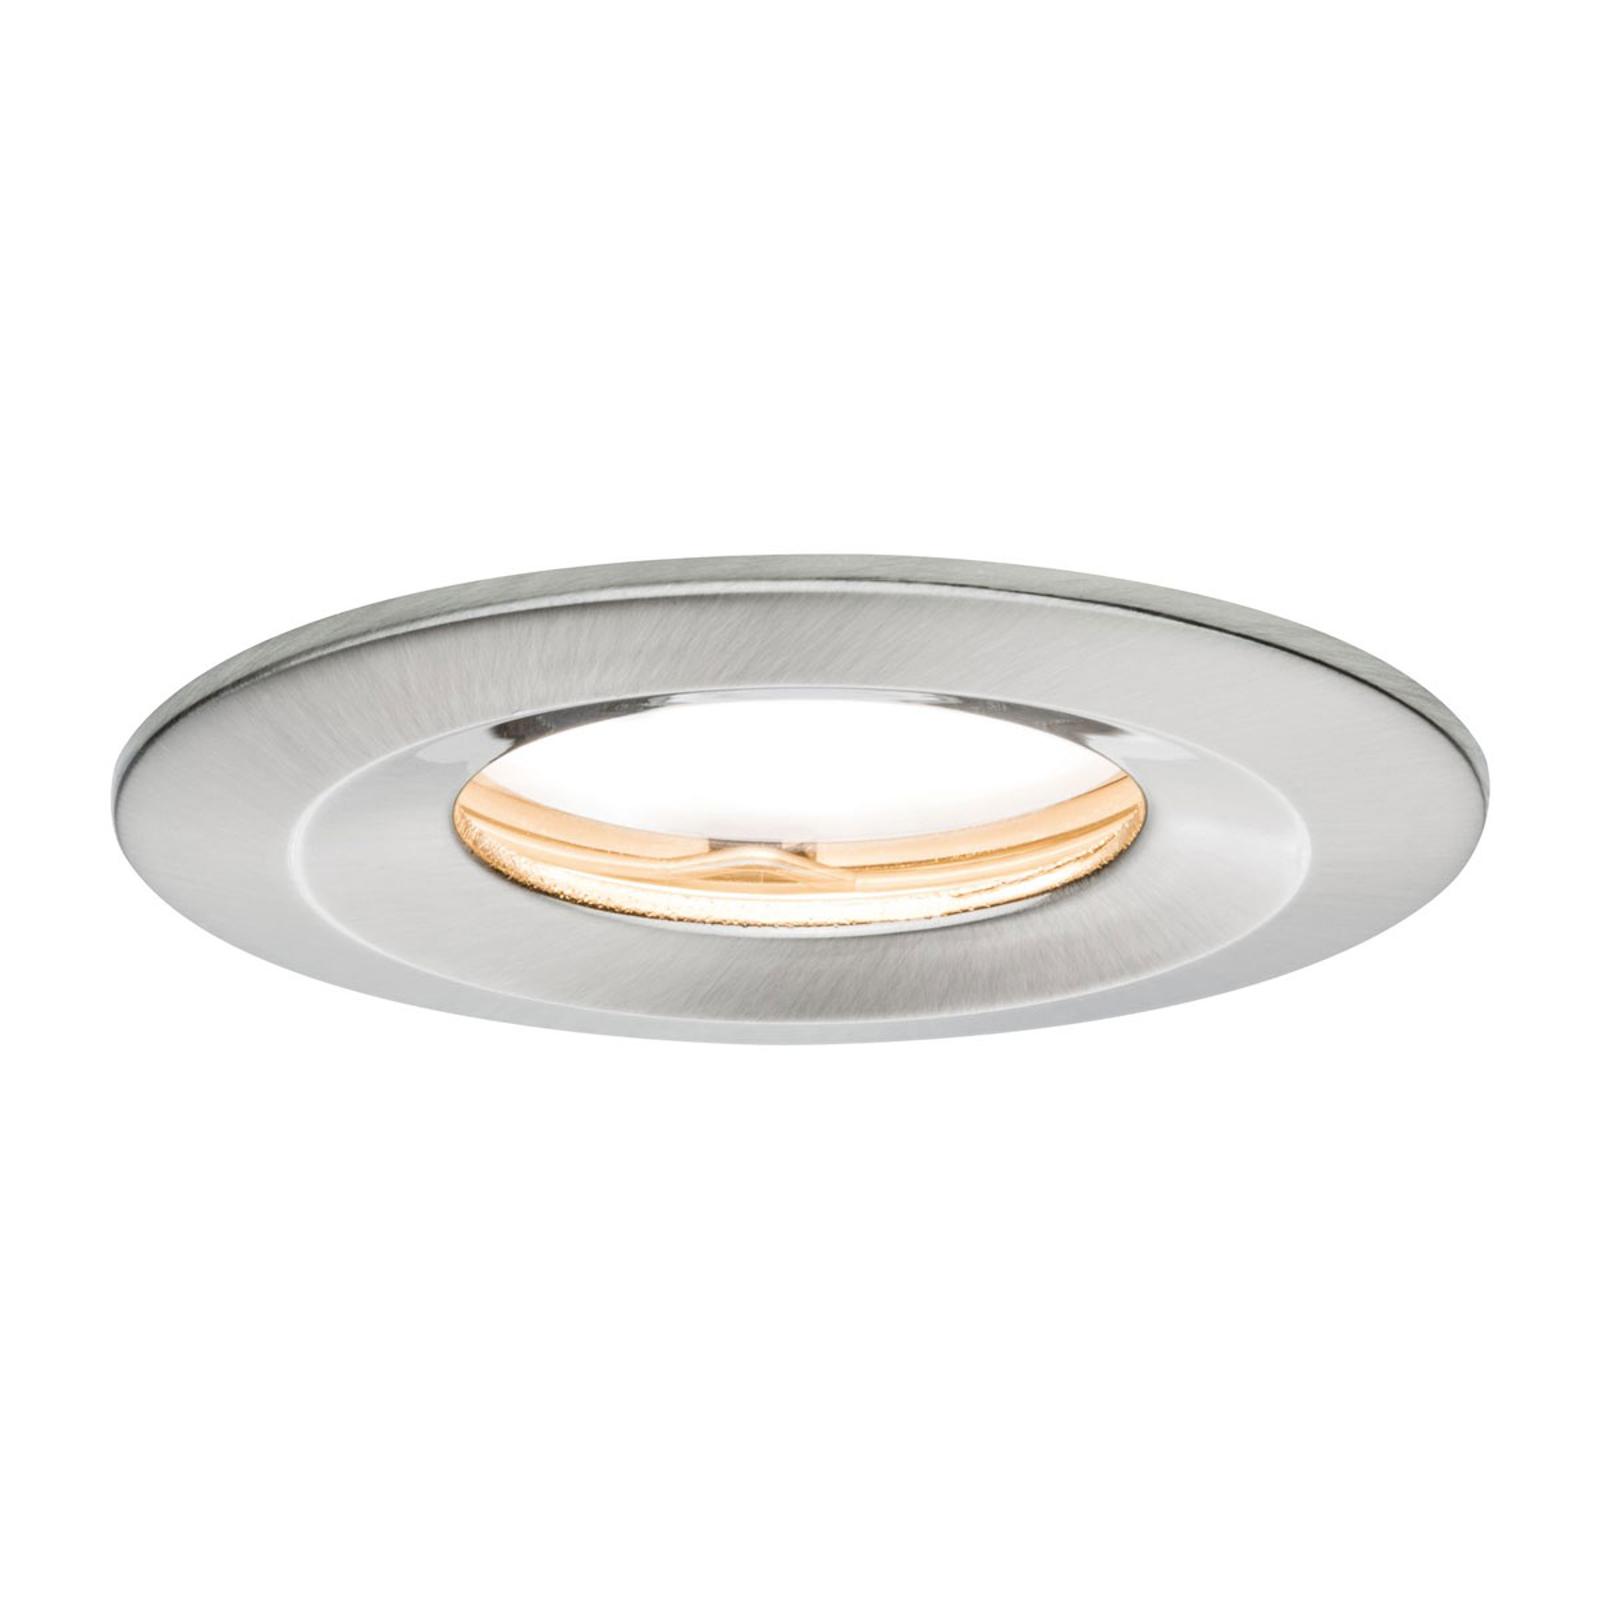 Paulmann spot LED Slim Coin, dimmable, IP65, fer